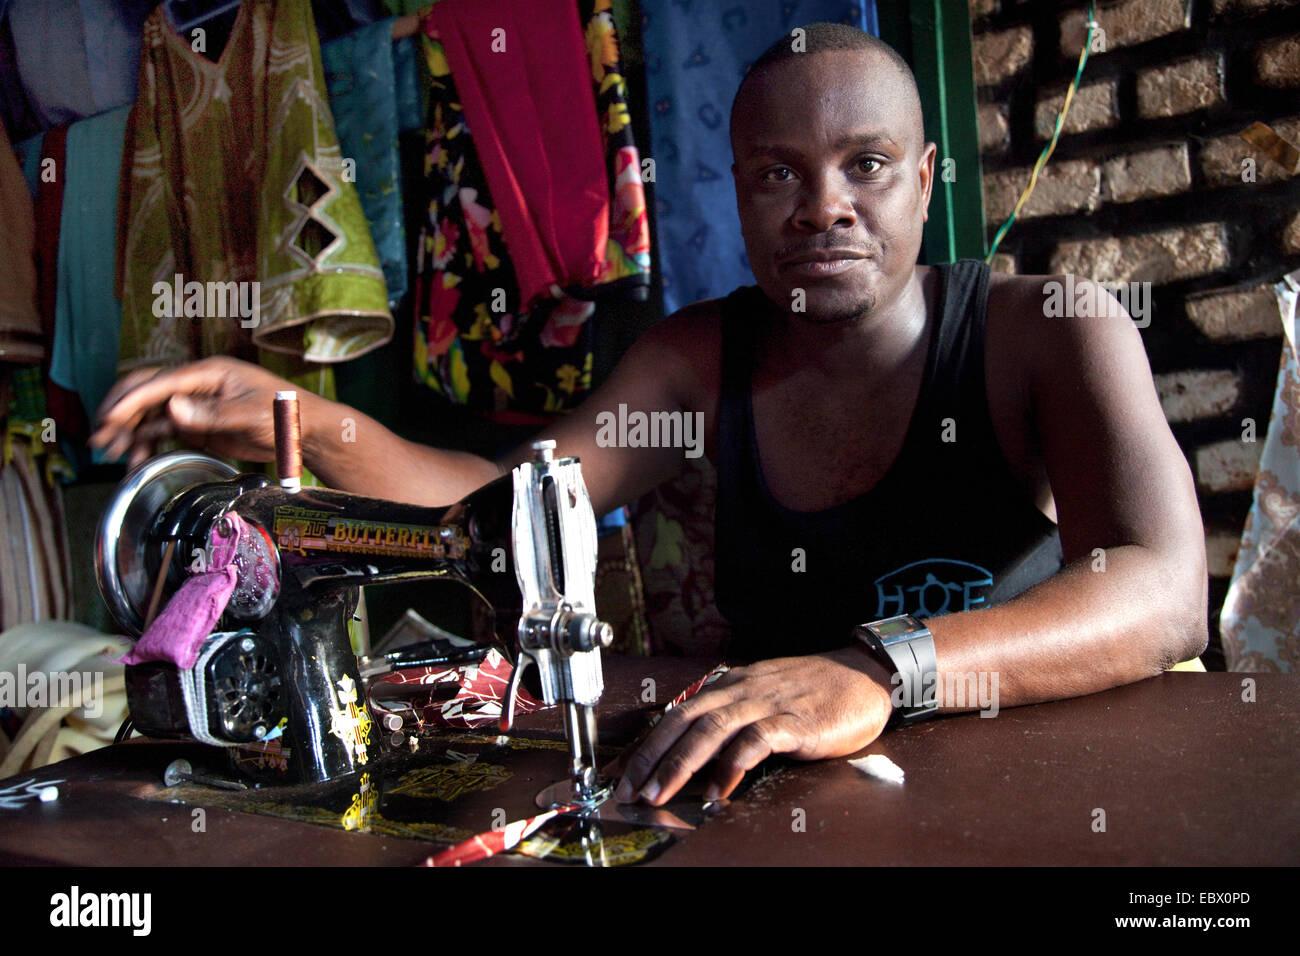 Tailer sentado en la máquina de coser en su atelier, terminado de ropa en el fondo, en Rwanda, en Nyamirambo, Imagen De Stock